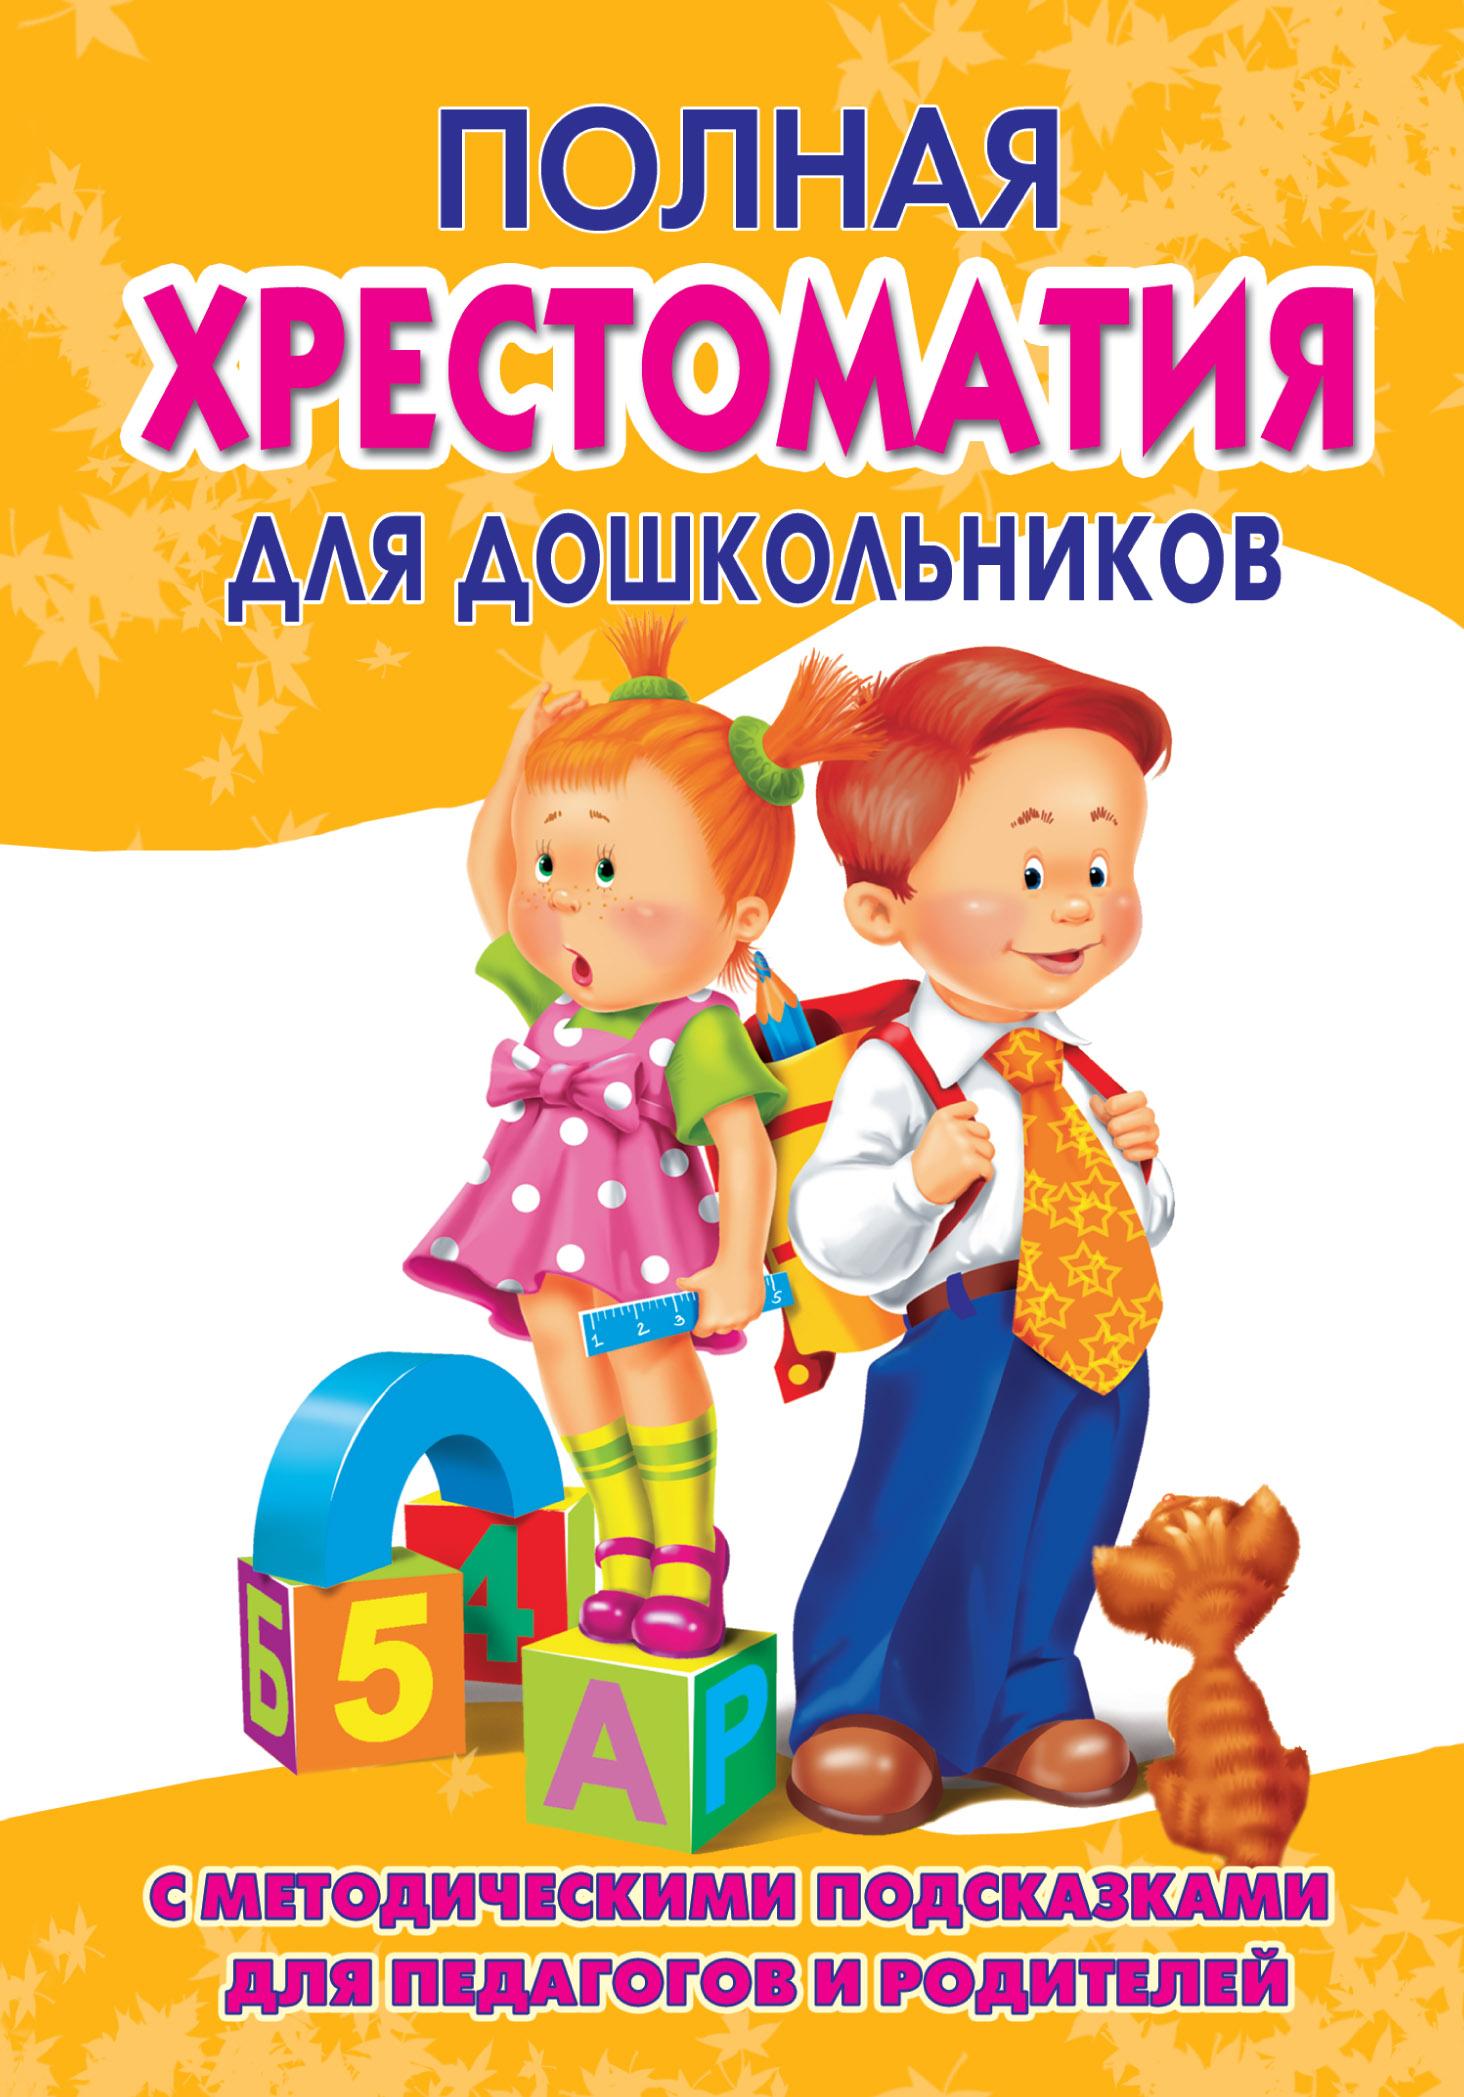 Купить Полная хрестоматия для дошкольников с методическими подсказками. Книга 2, АСТ, Книги по обучению и развитию детей